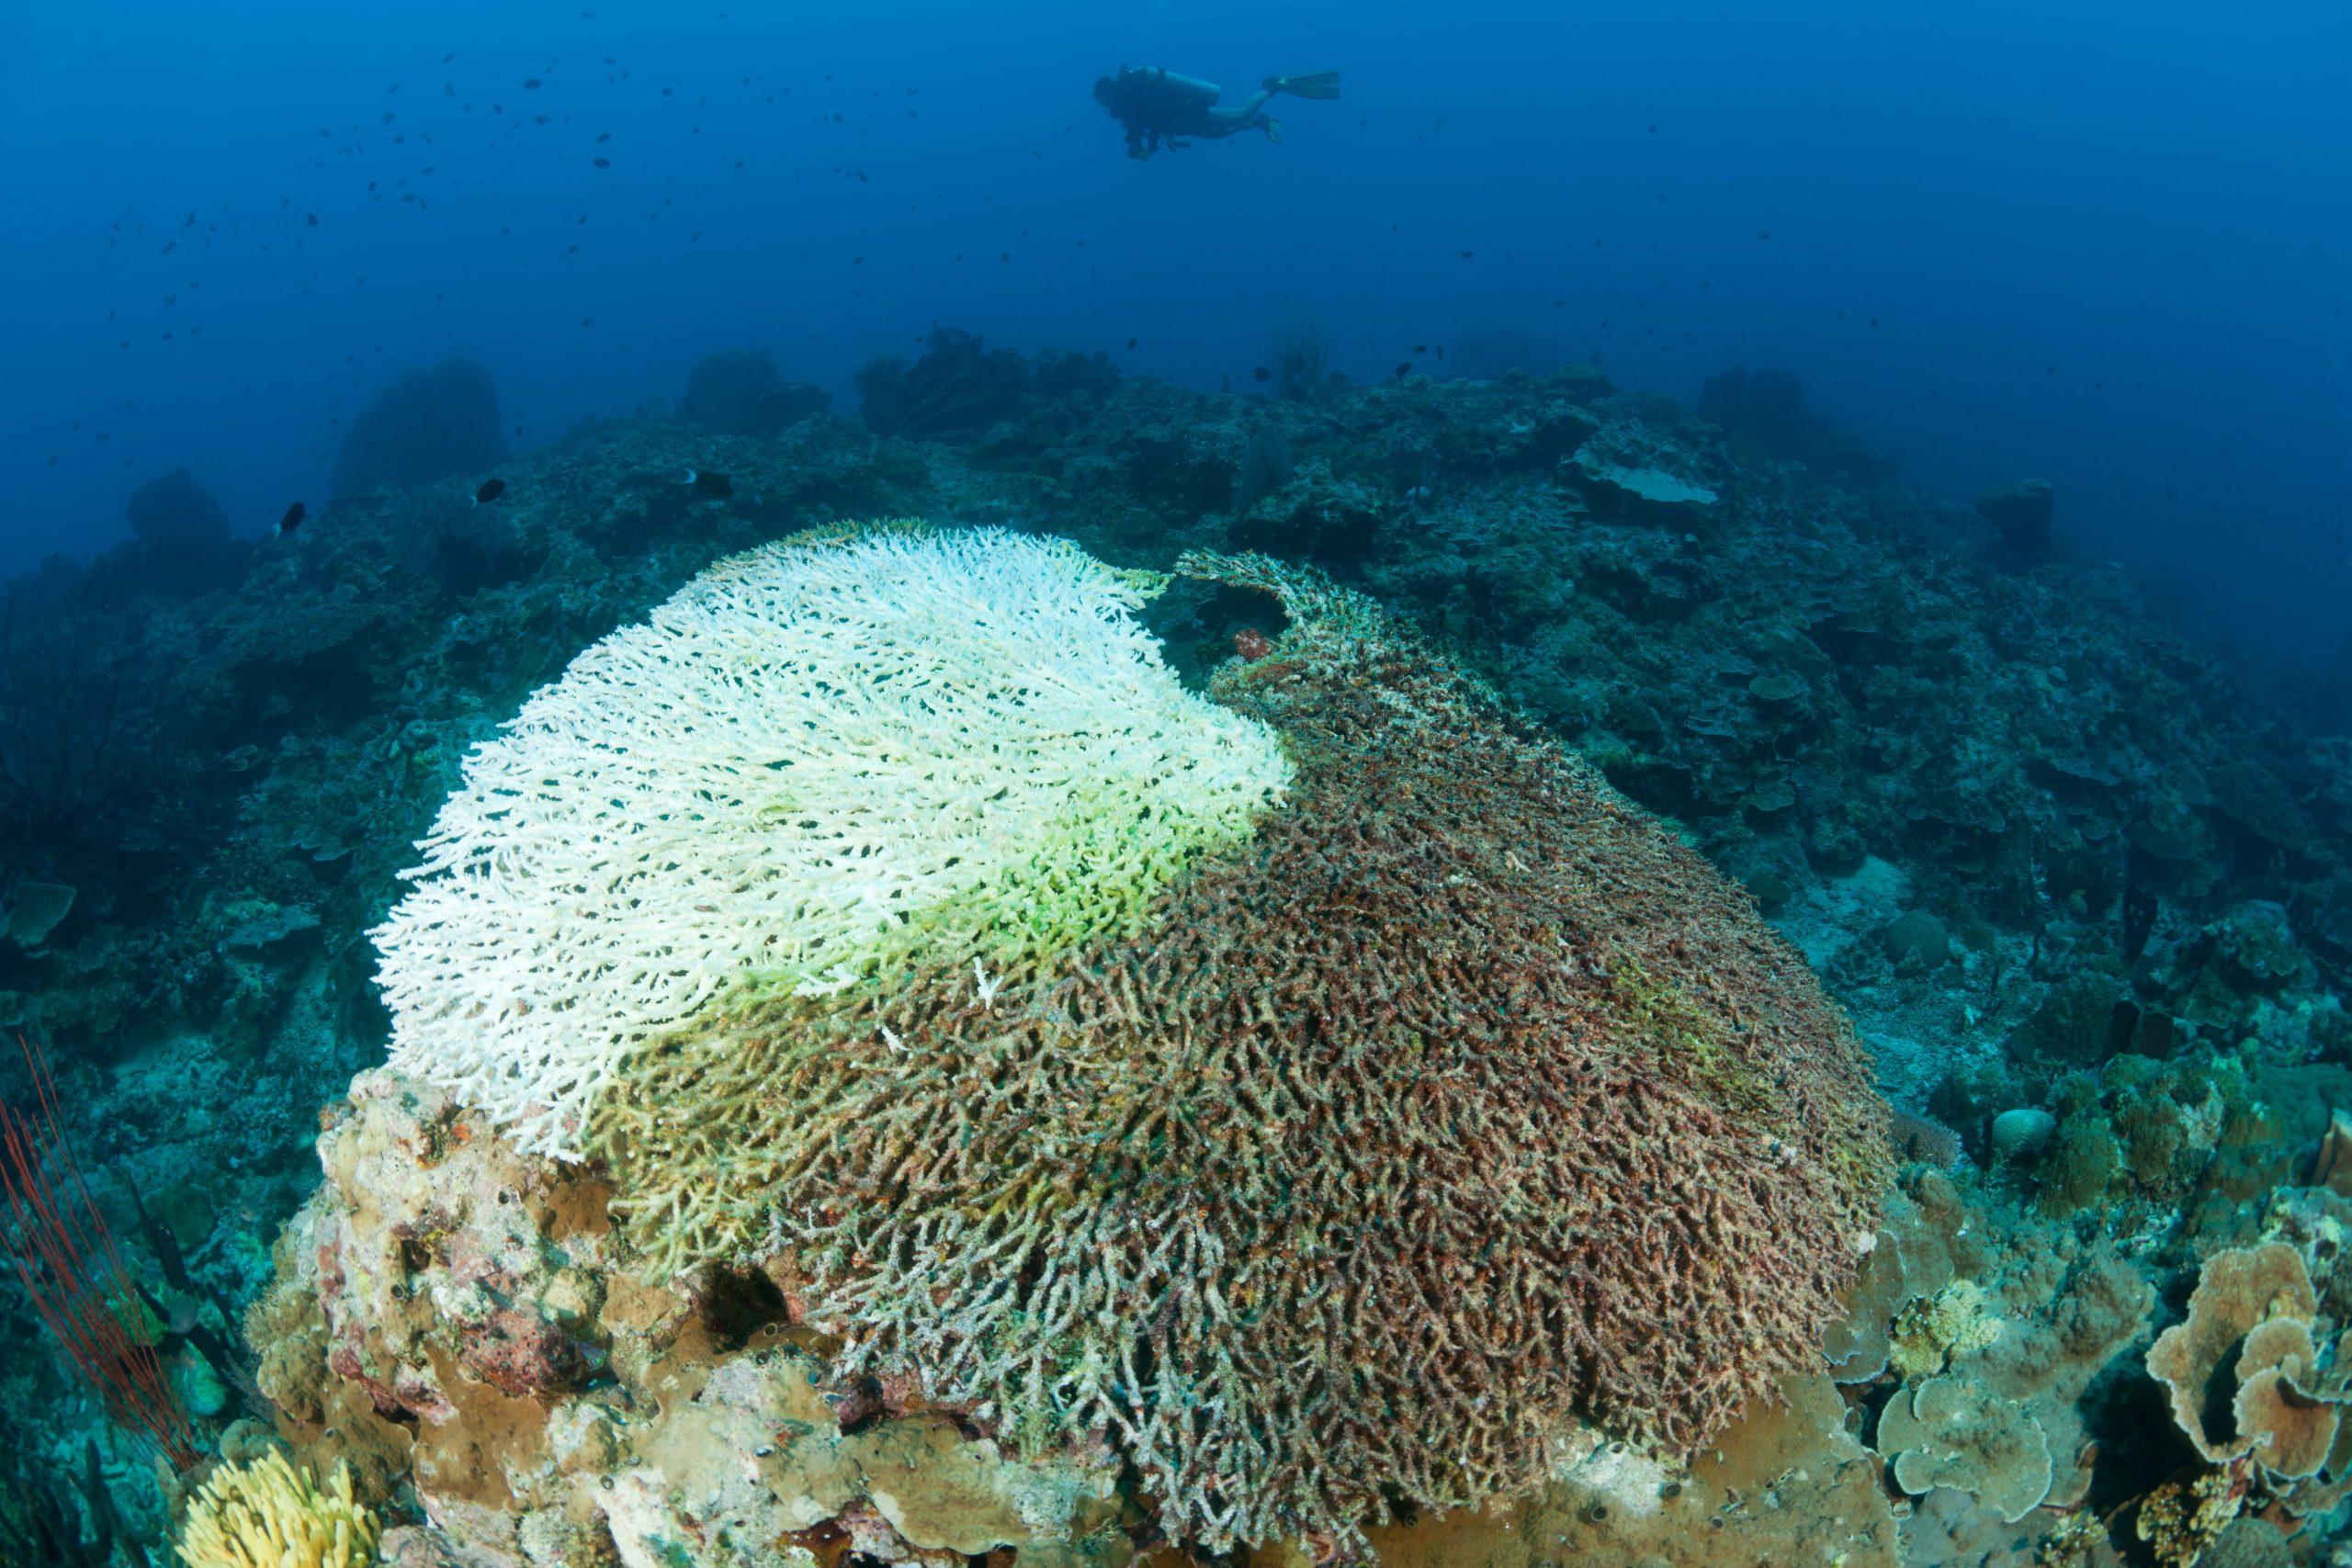 Teilweise ausgebleichte Koralle